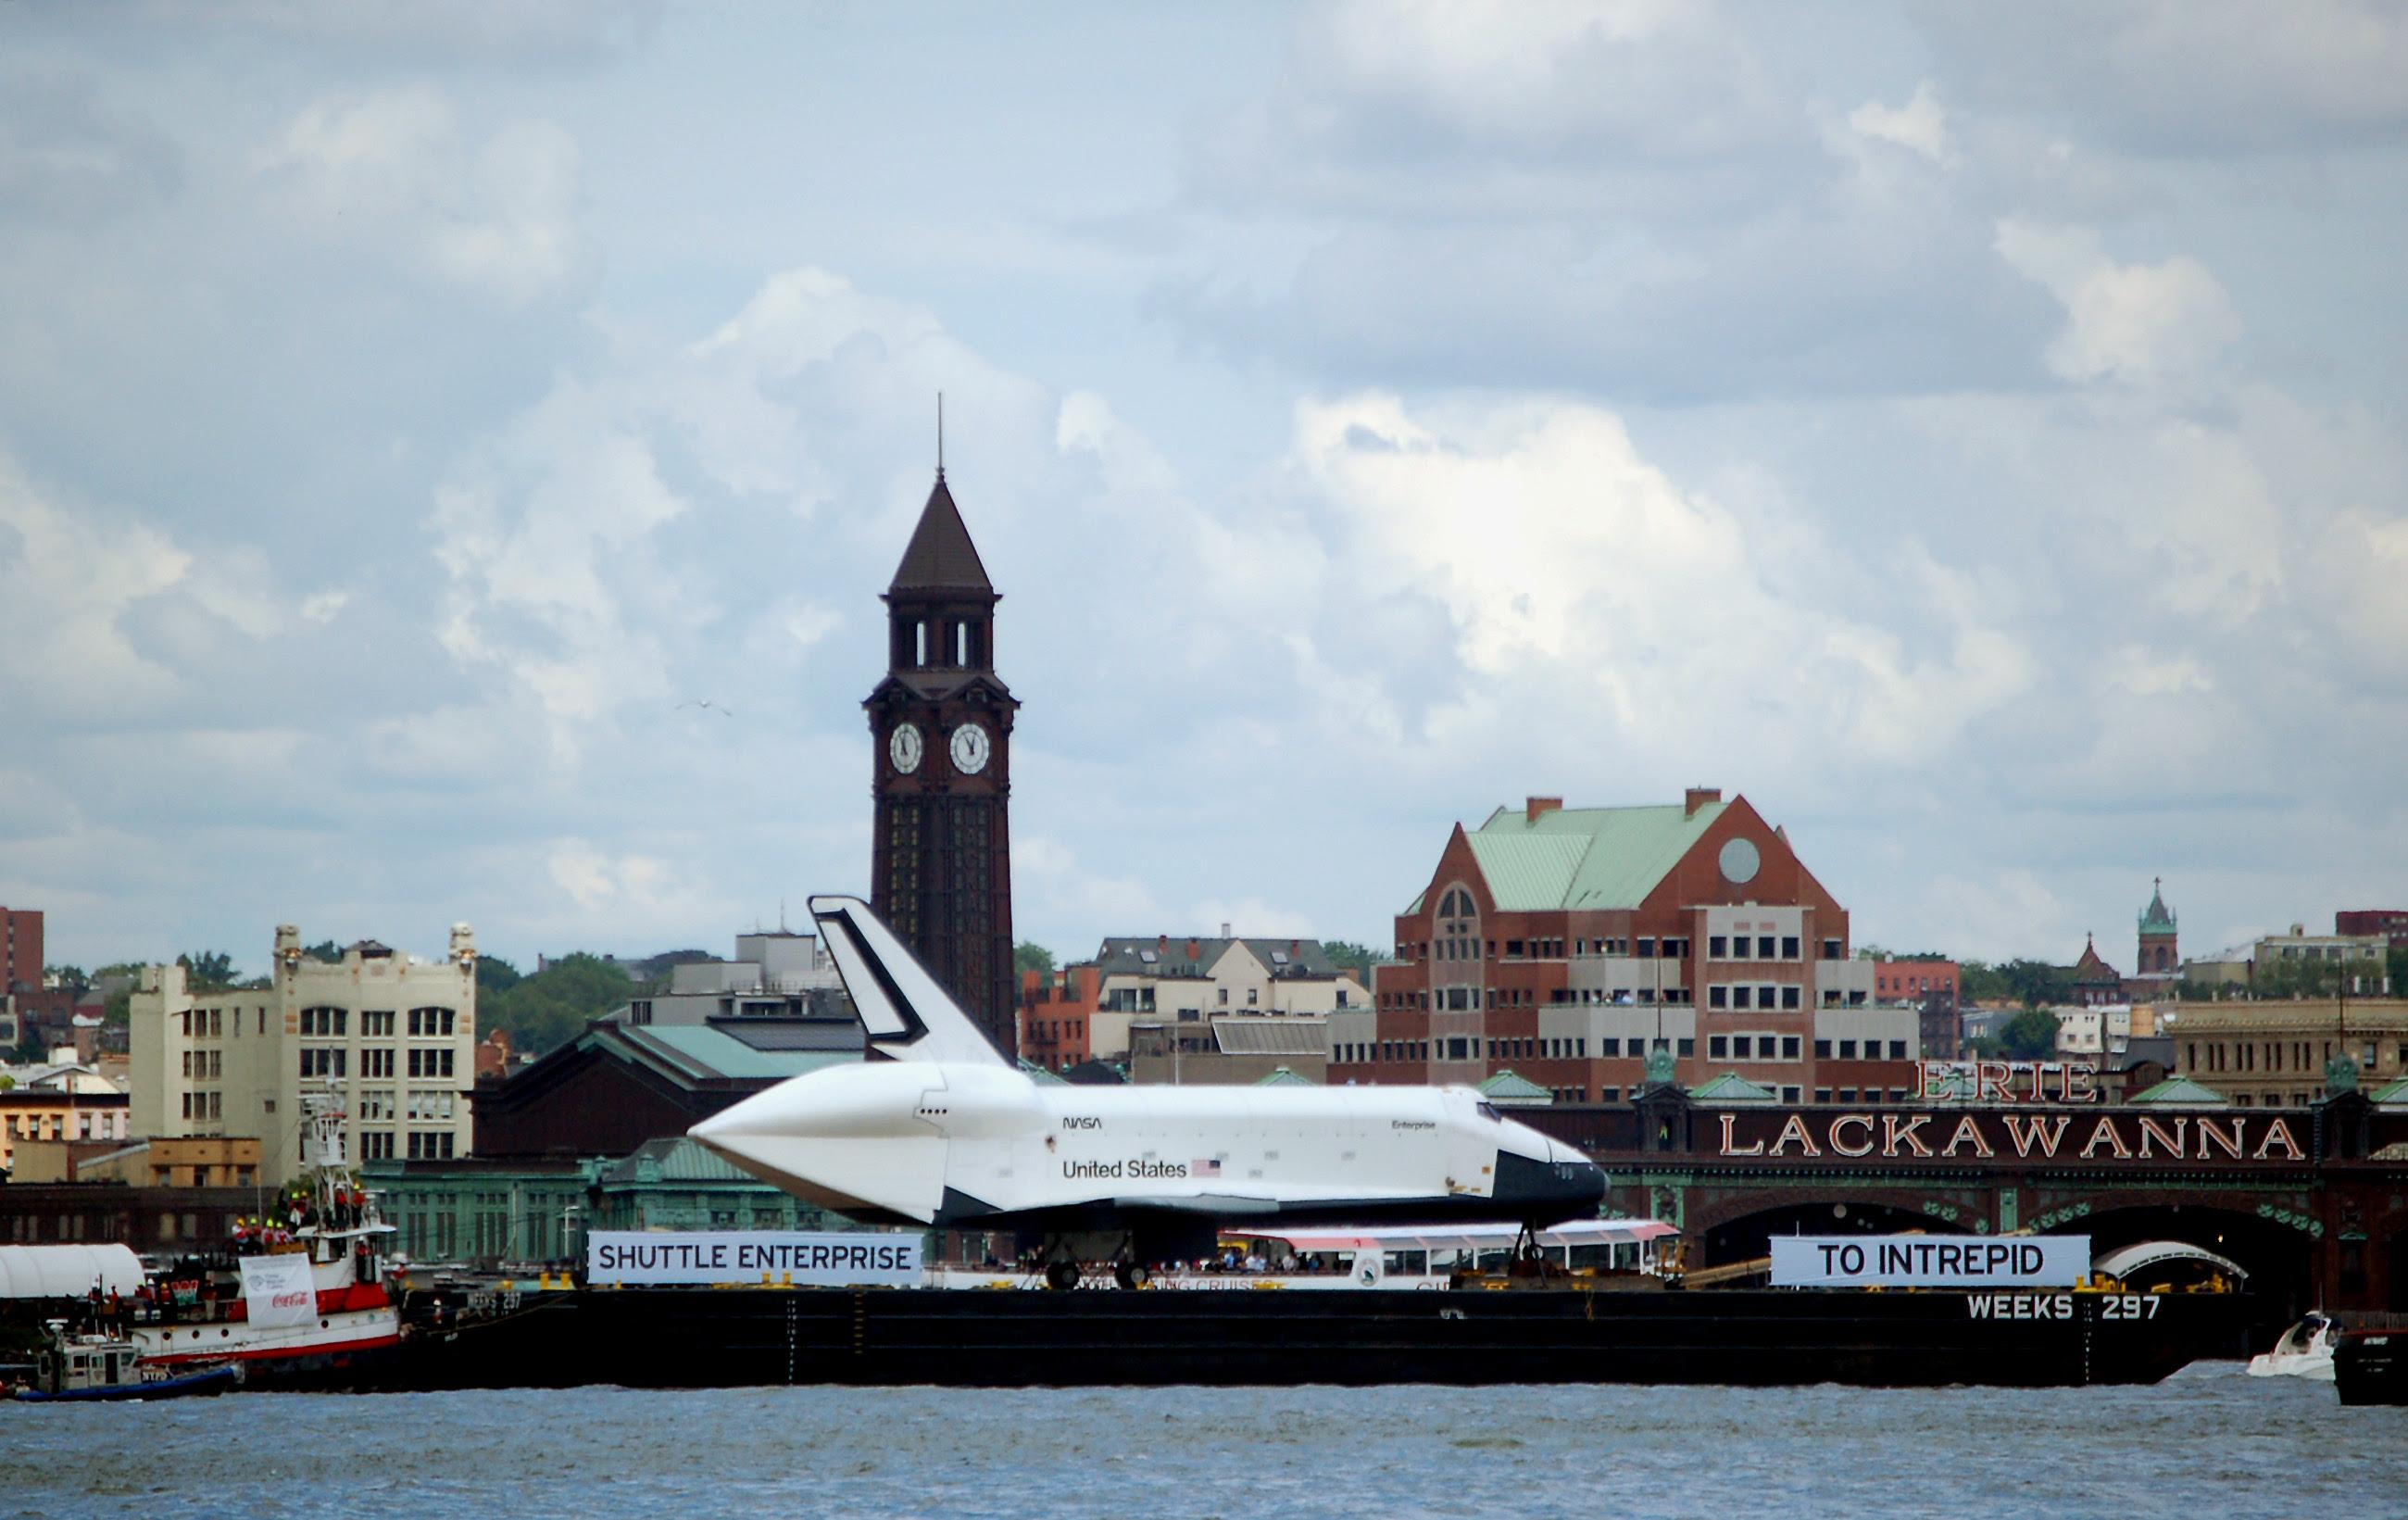 Space Shuttle Enterprise sails up the Hudson